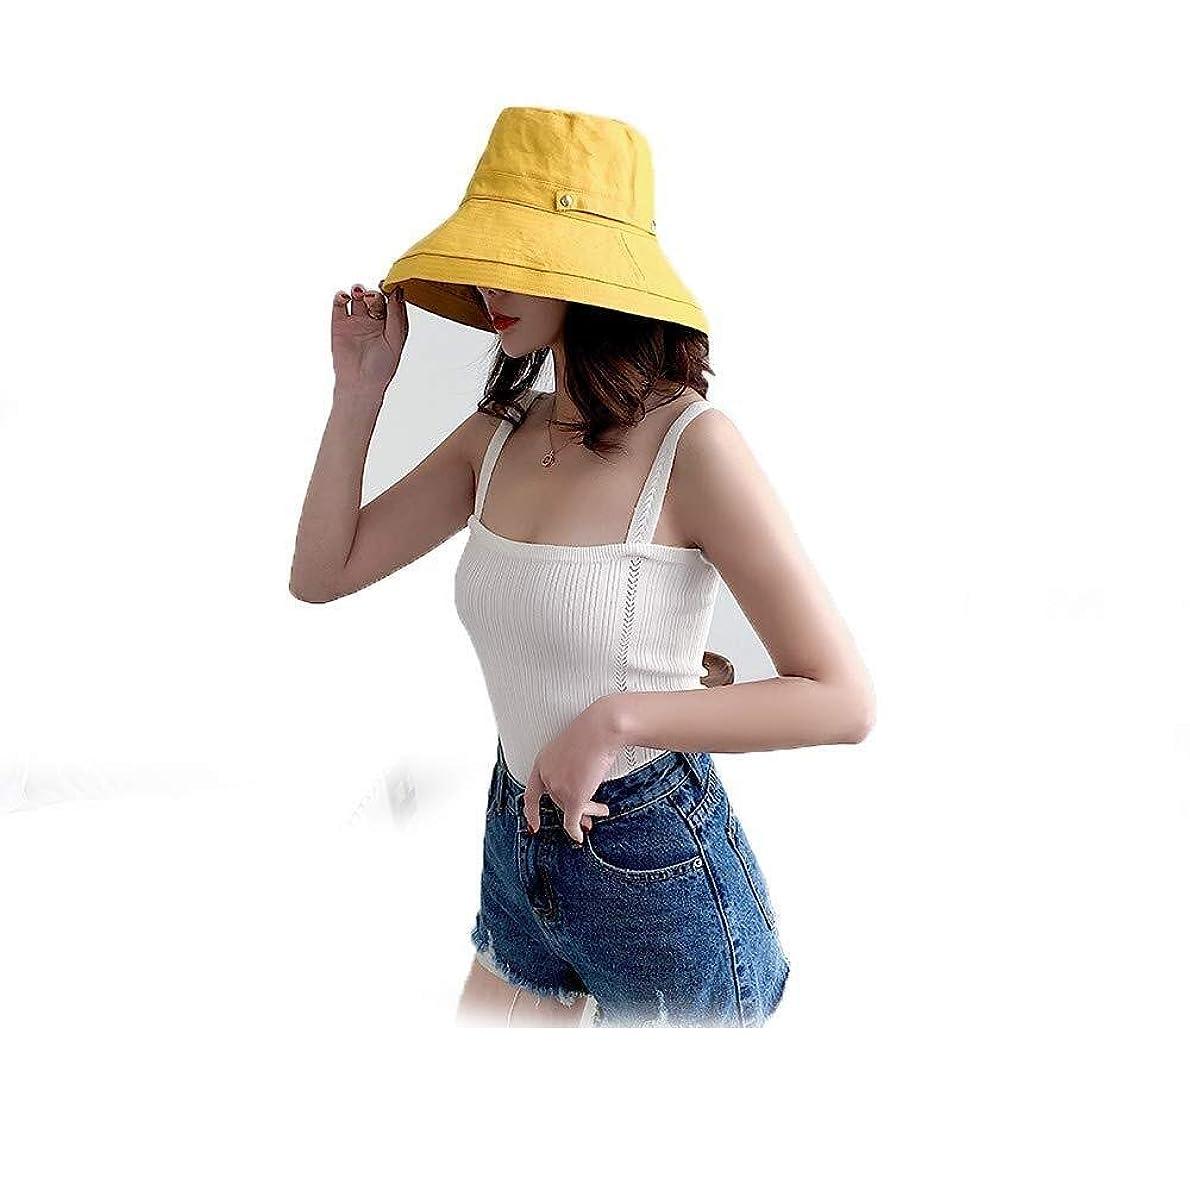 証言するライラック蛾夏のサンハットサンプロテクションバケツキャップ、女性つば広帽子折り畳み式のフロッピーバケットハットについてはビーチ旅行ハイキングキャンプボート